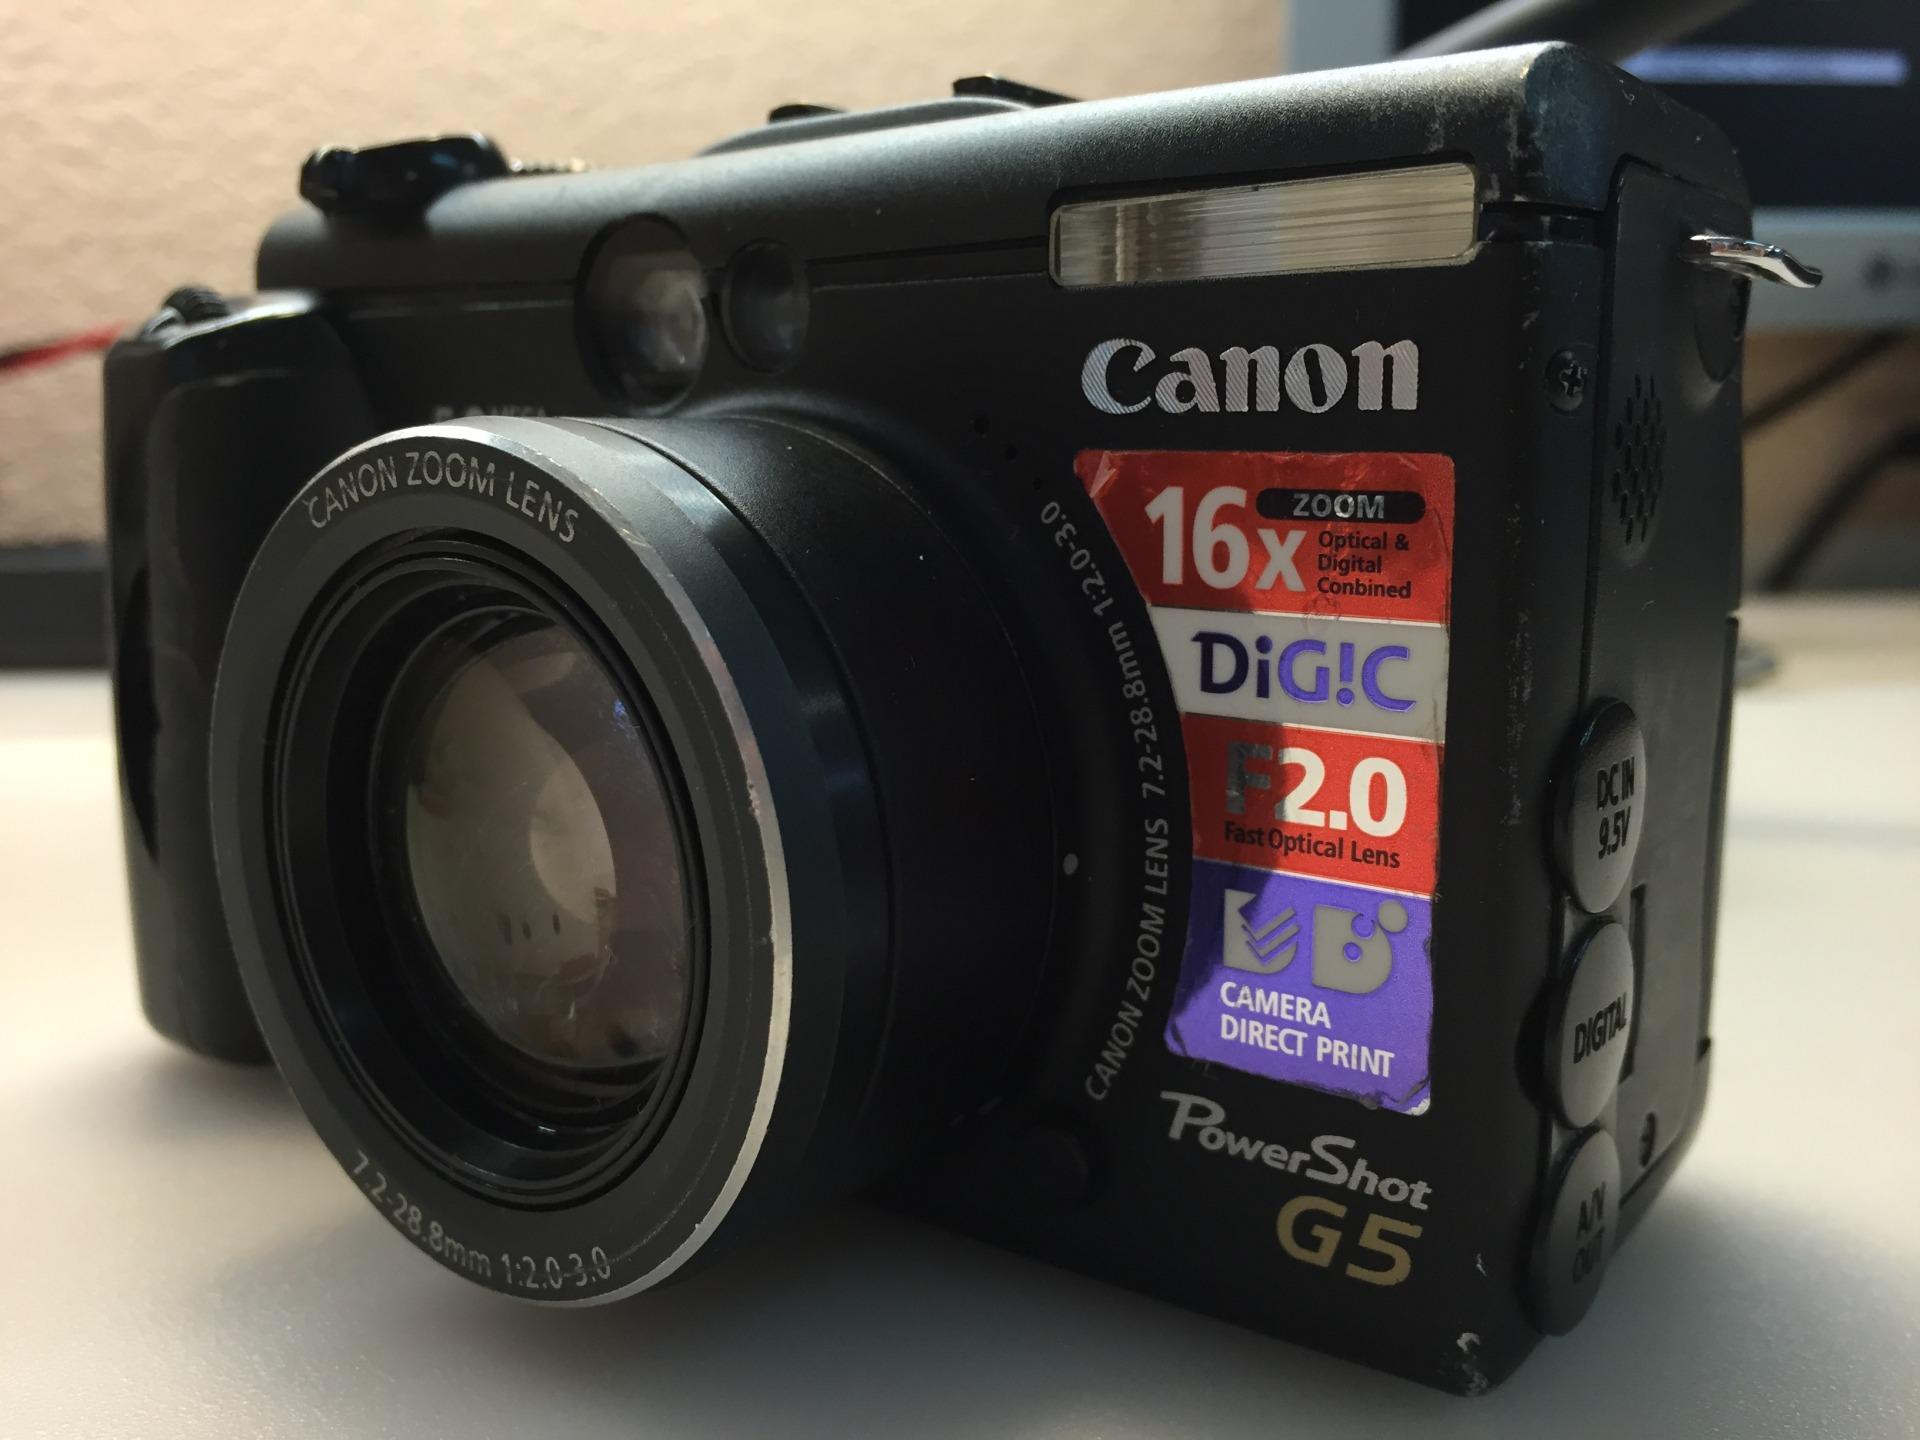 фотографий где отремонтировать фотоаппарат в воронеже странно, общество приняло